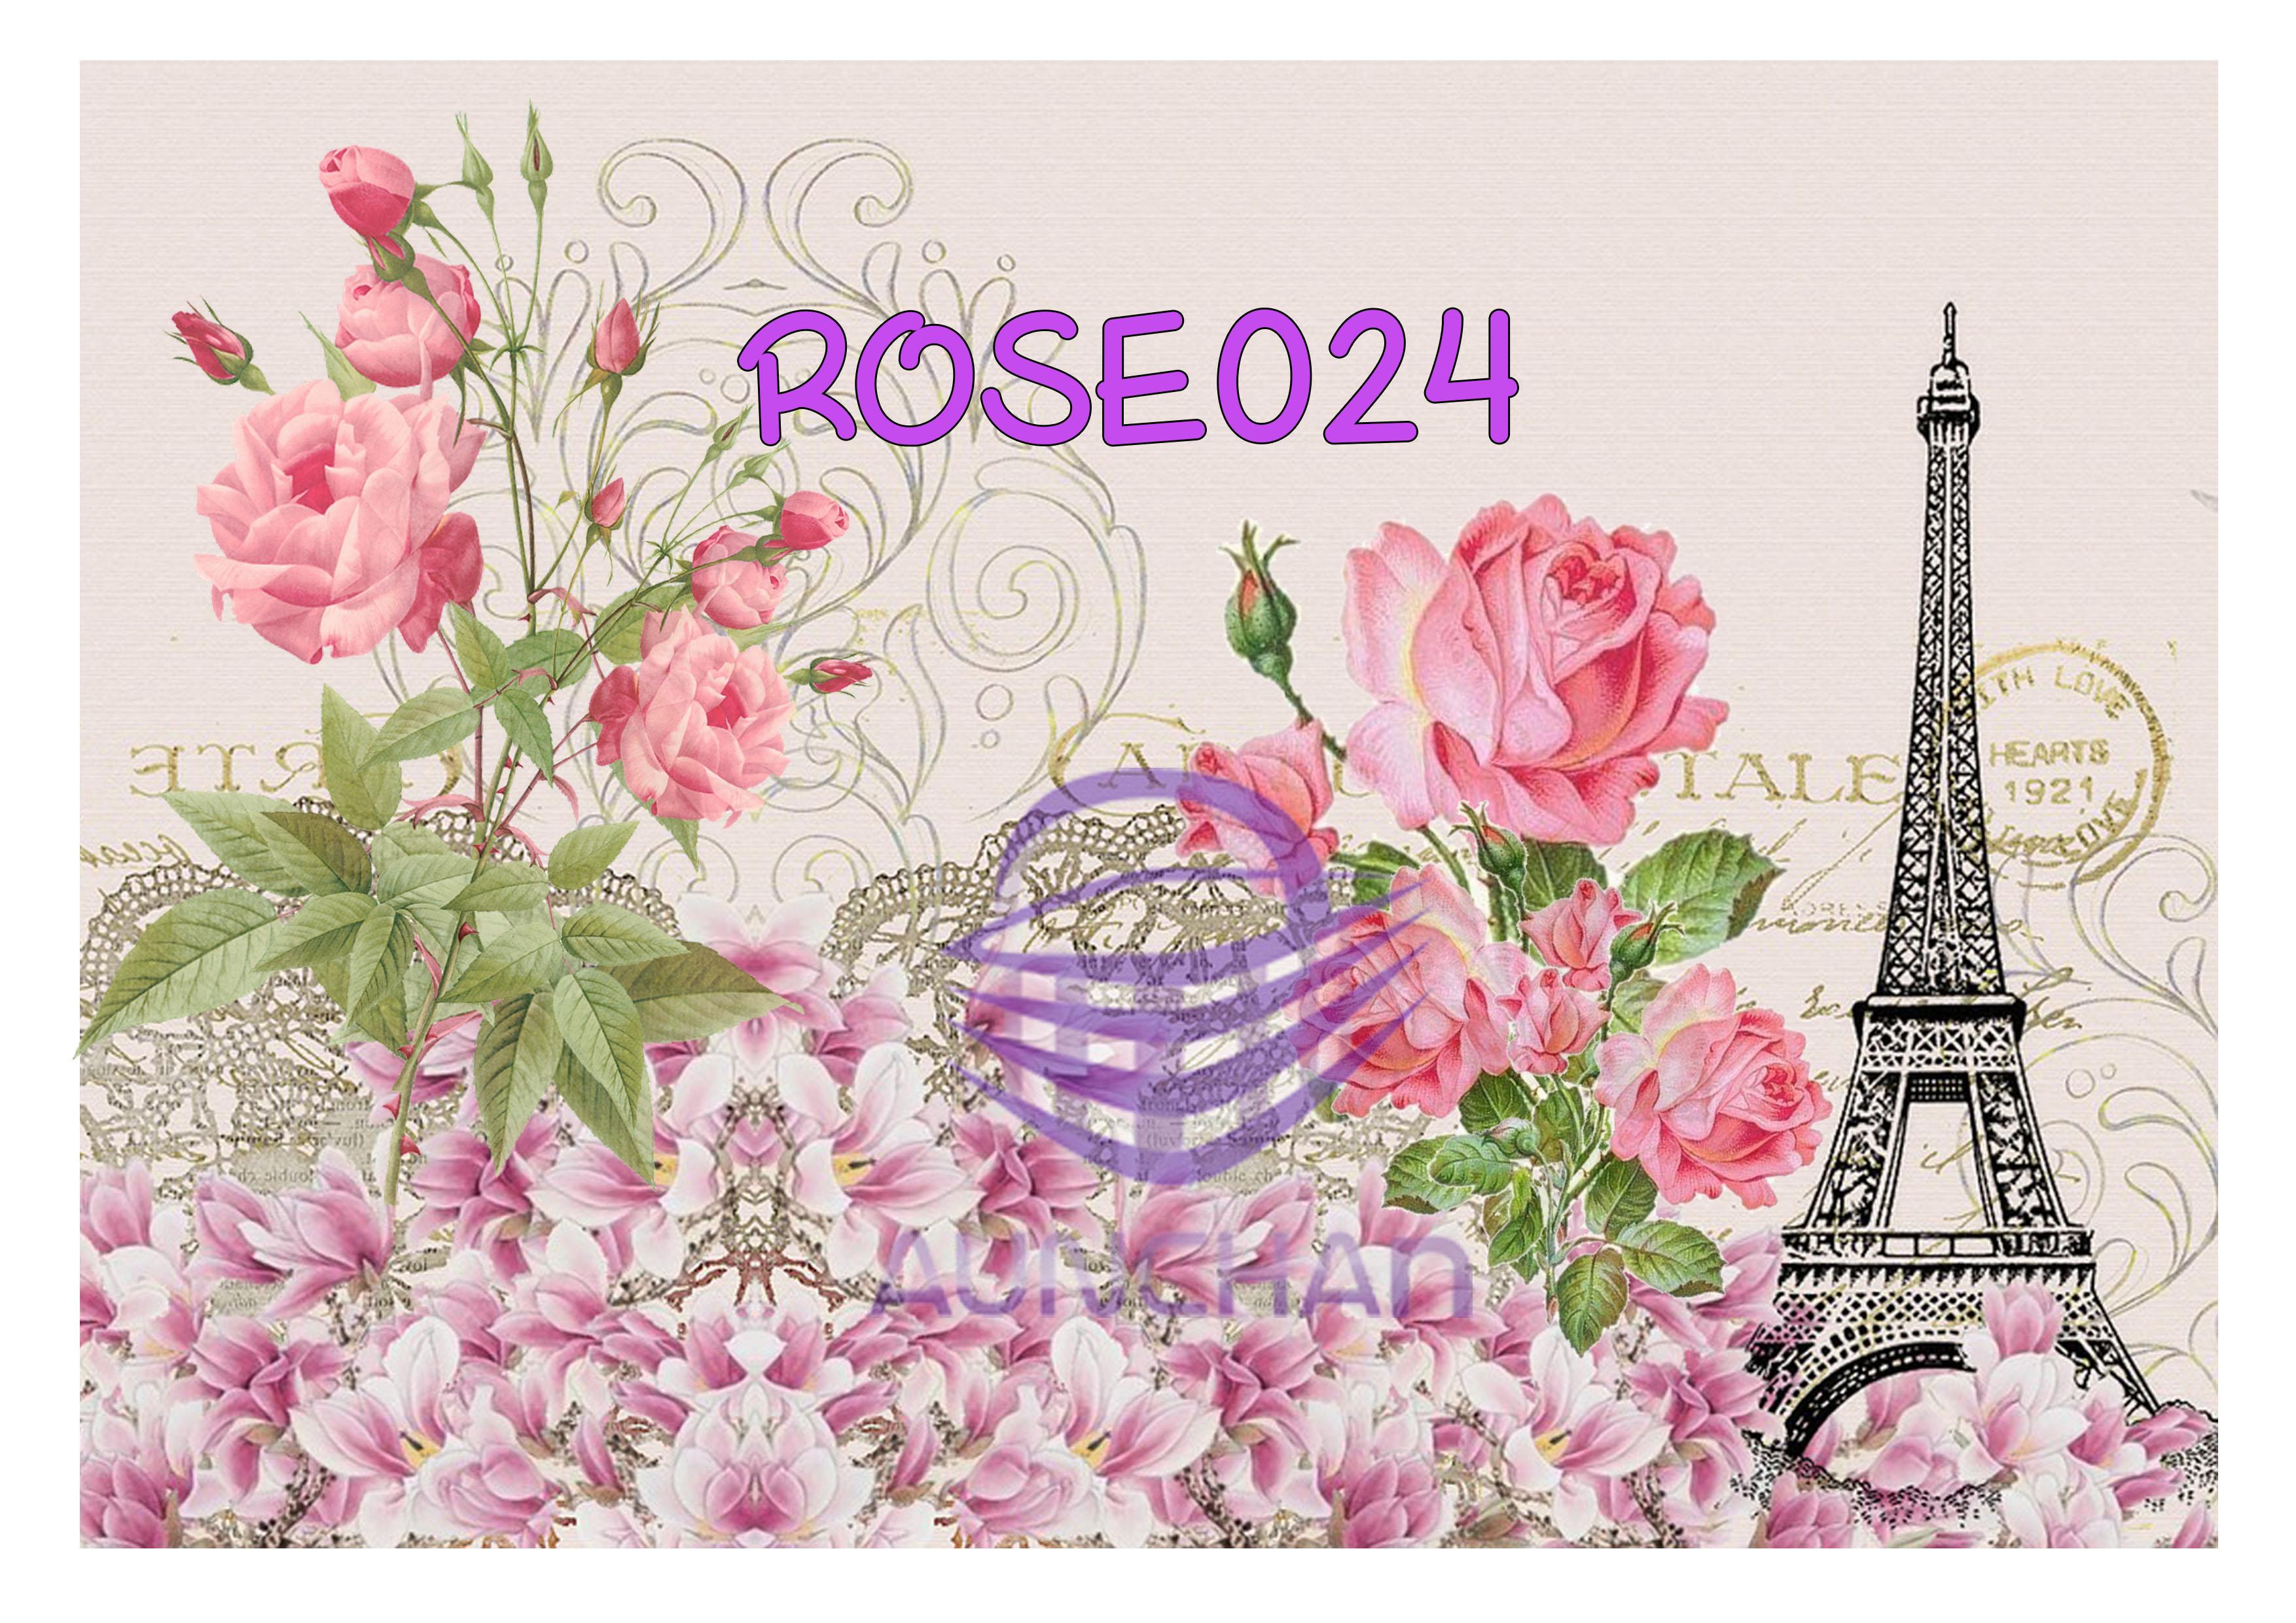 ROSE024 กระดาษแนพกิ้น 21x30ซม. ลายกุหลาบ